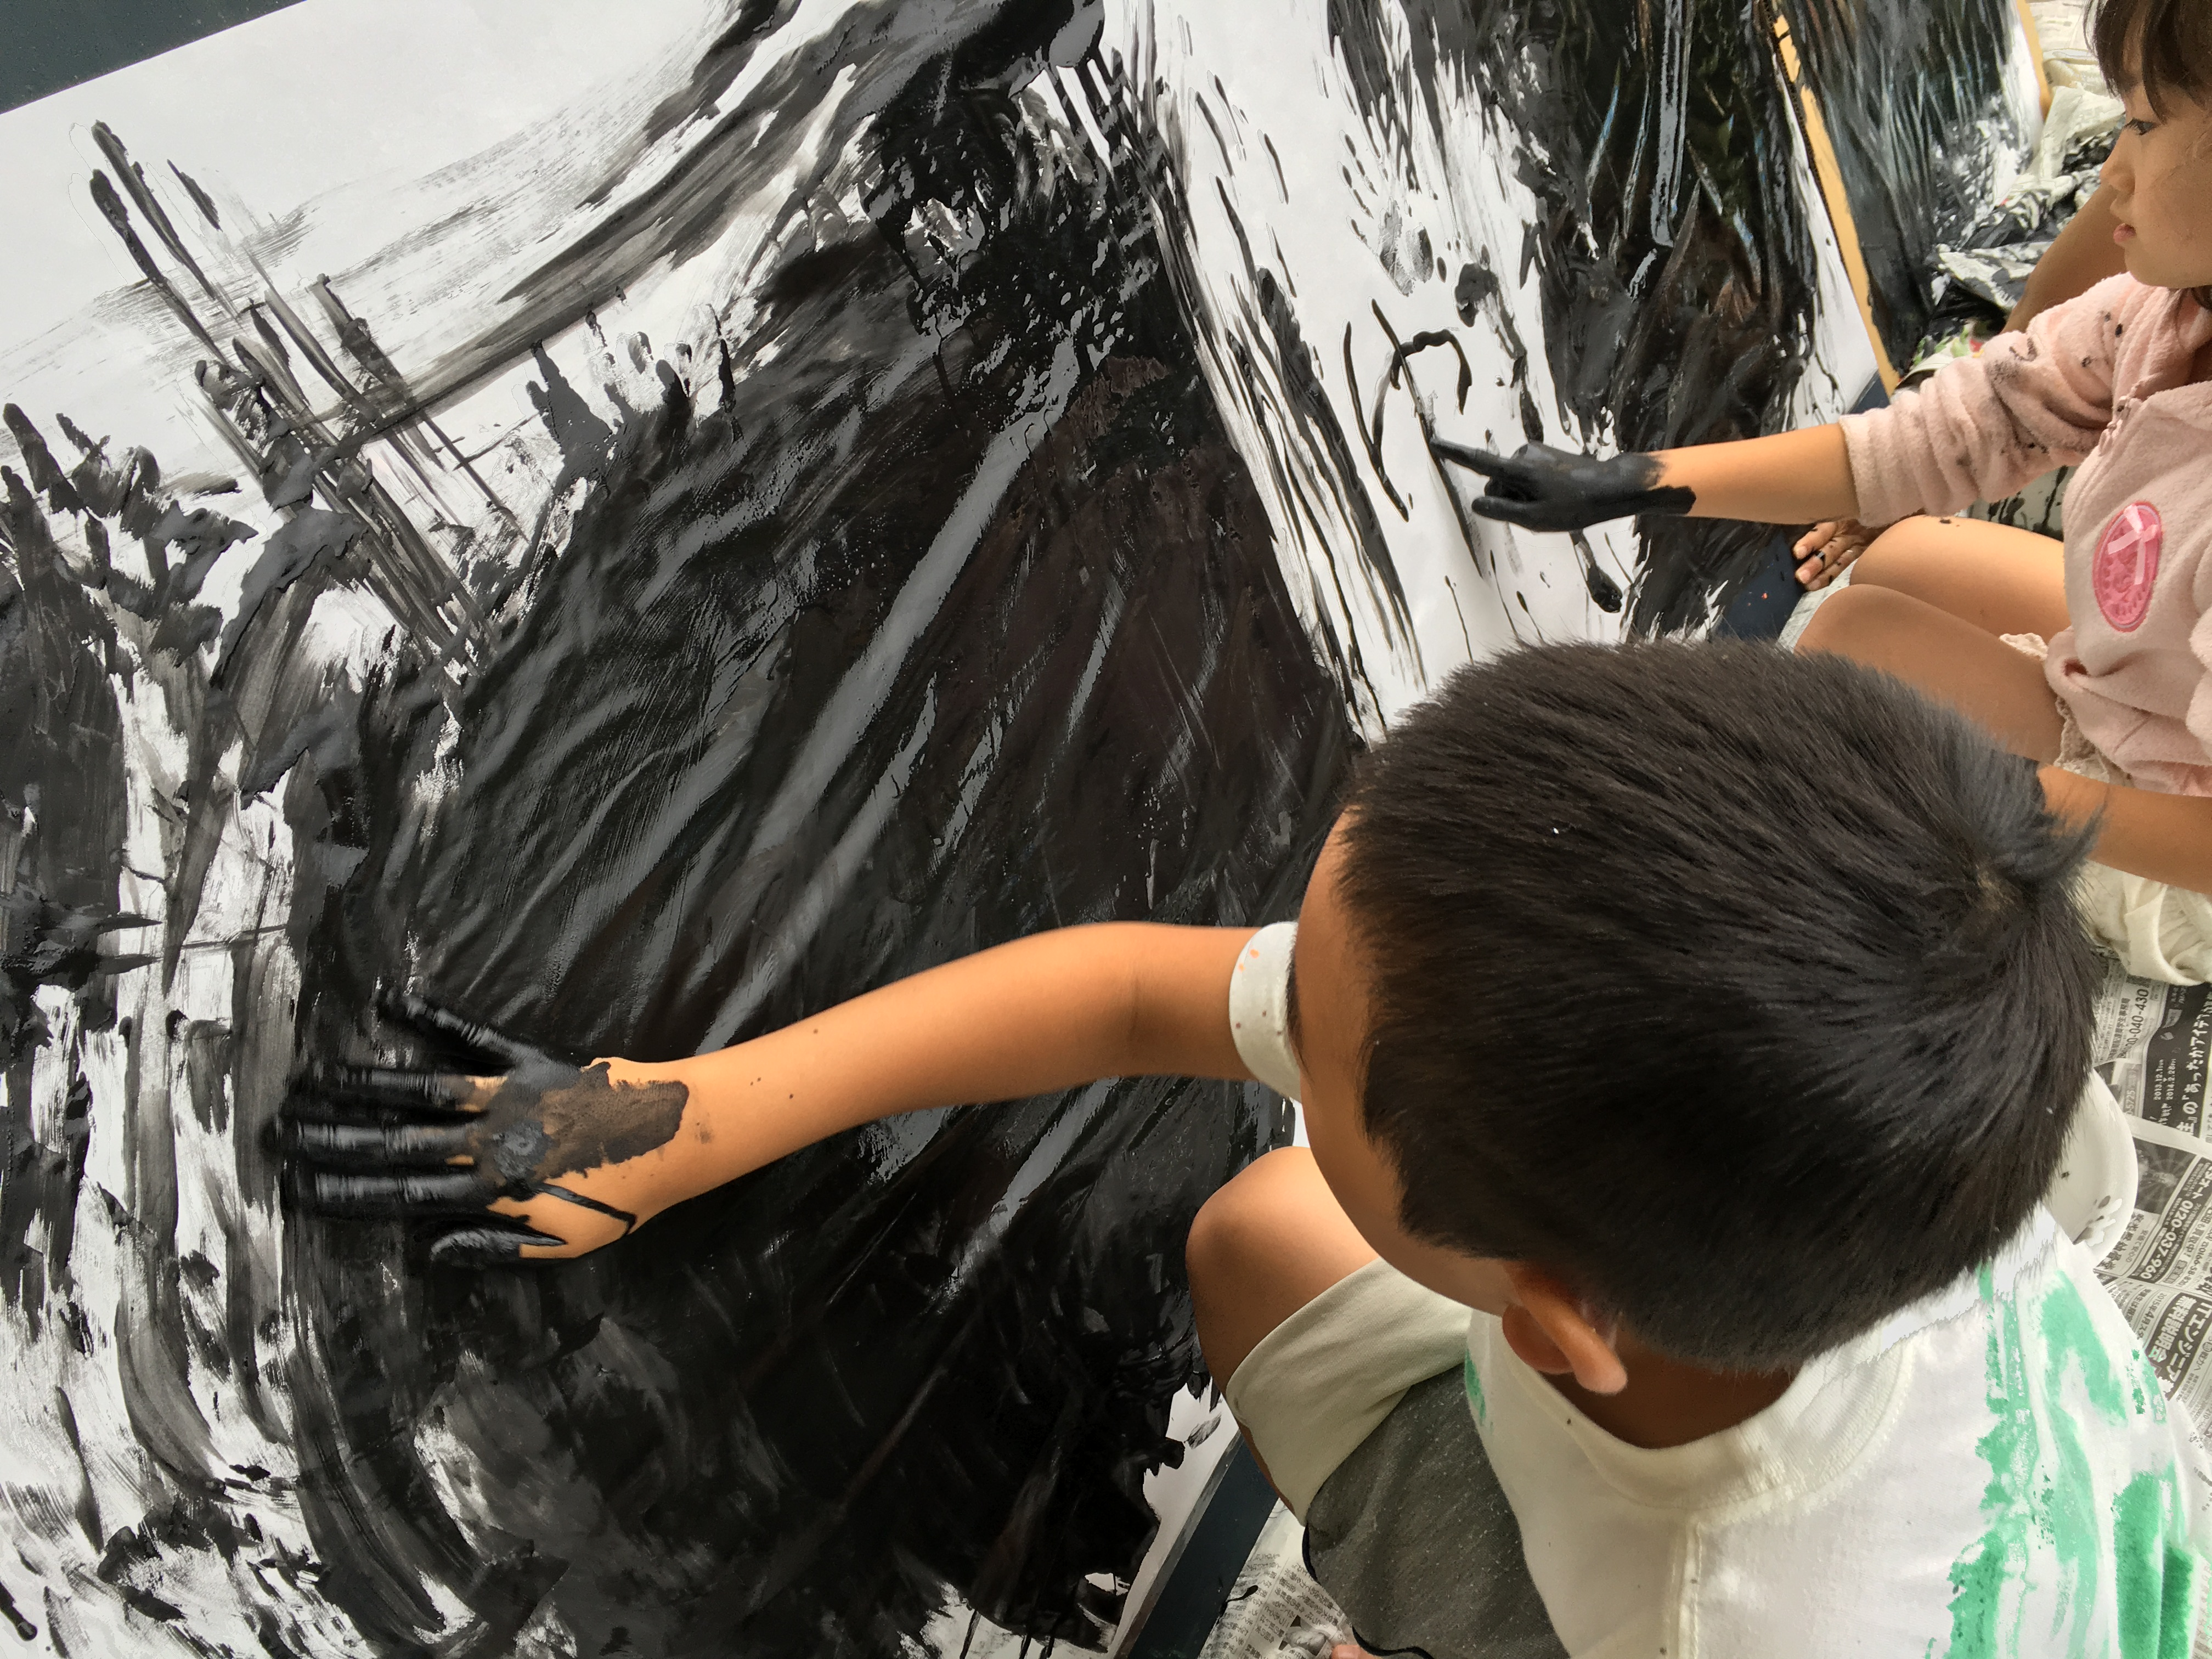 子どもアート教室「ちびぽっく」でフィンガーペイントを楽しんている様子